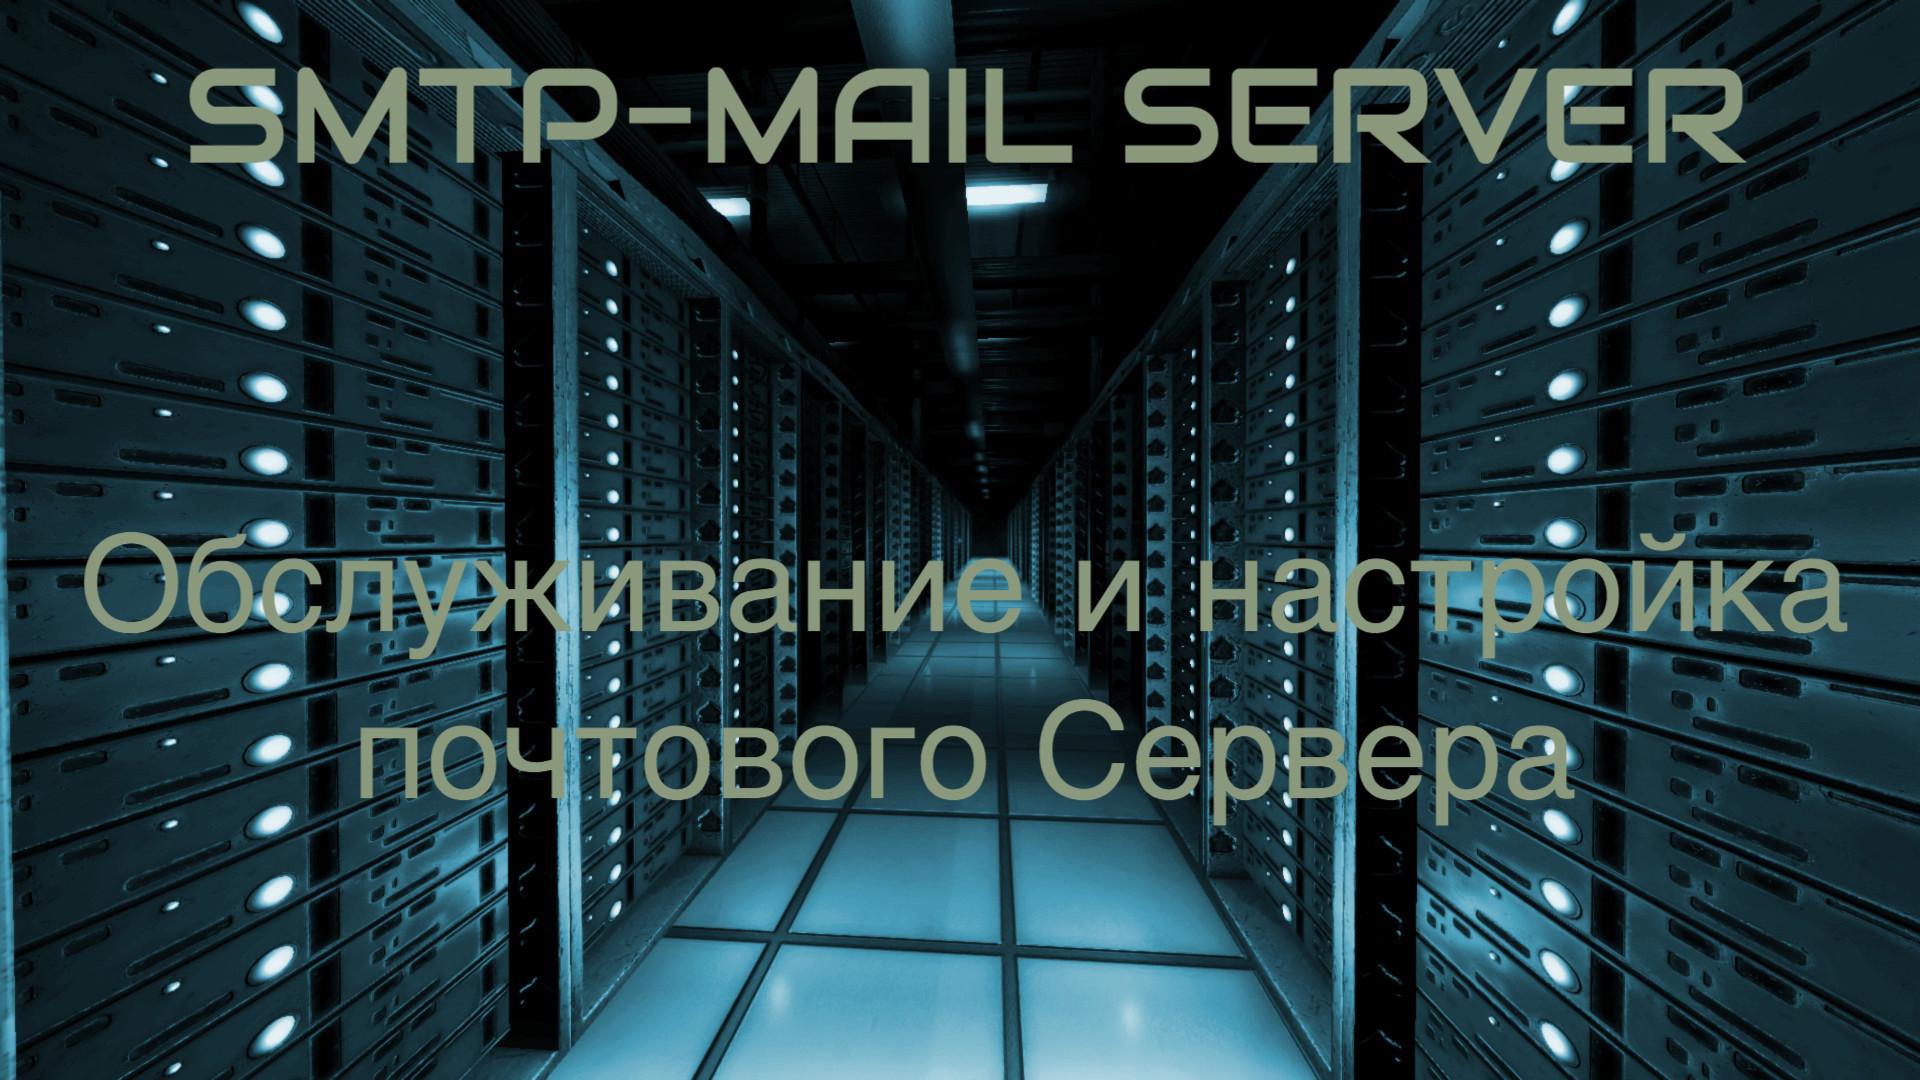 Как арендовать сервер